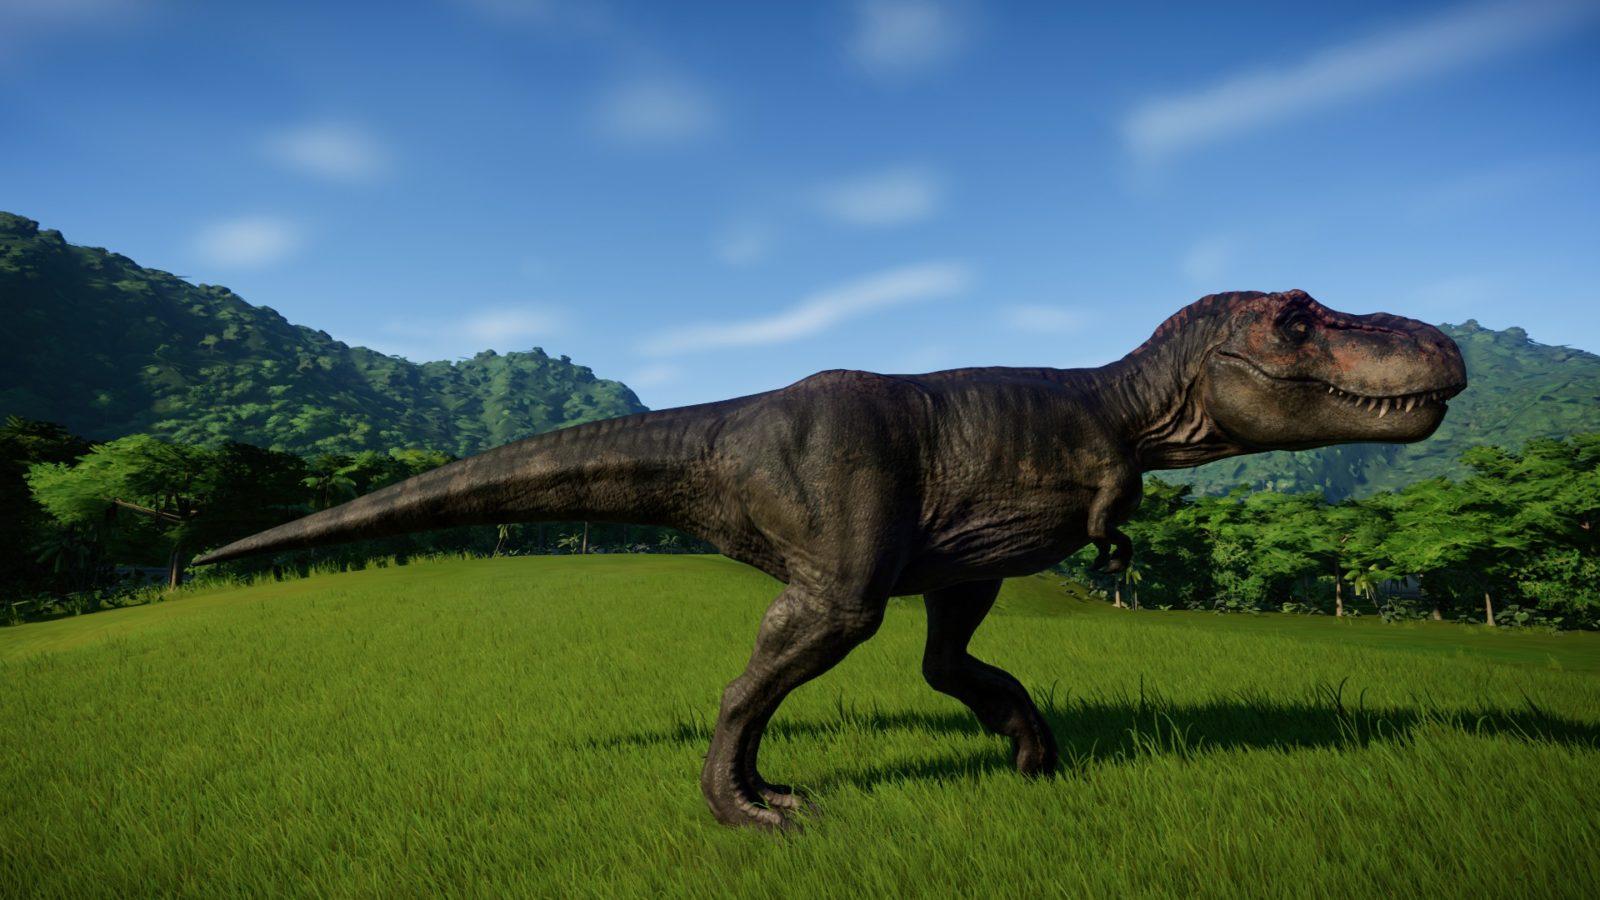 динозавров рекс картинки отец, как обычно